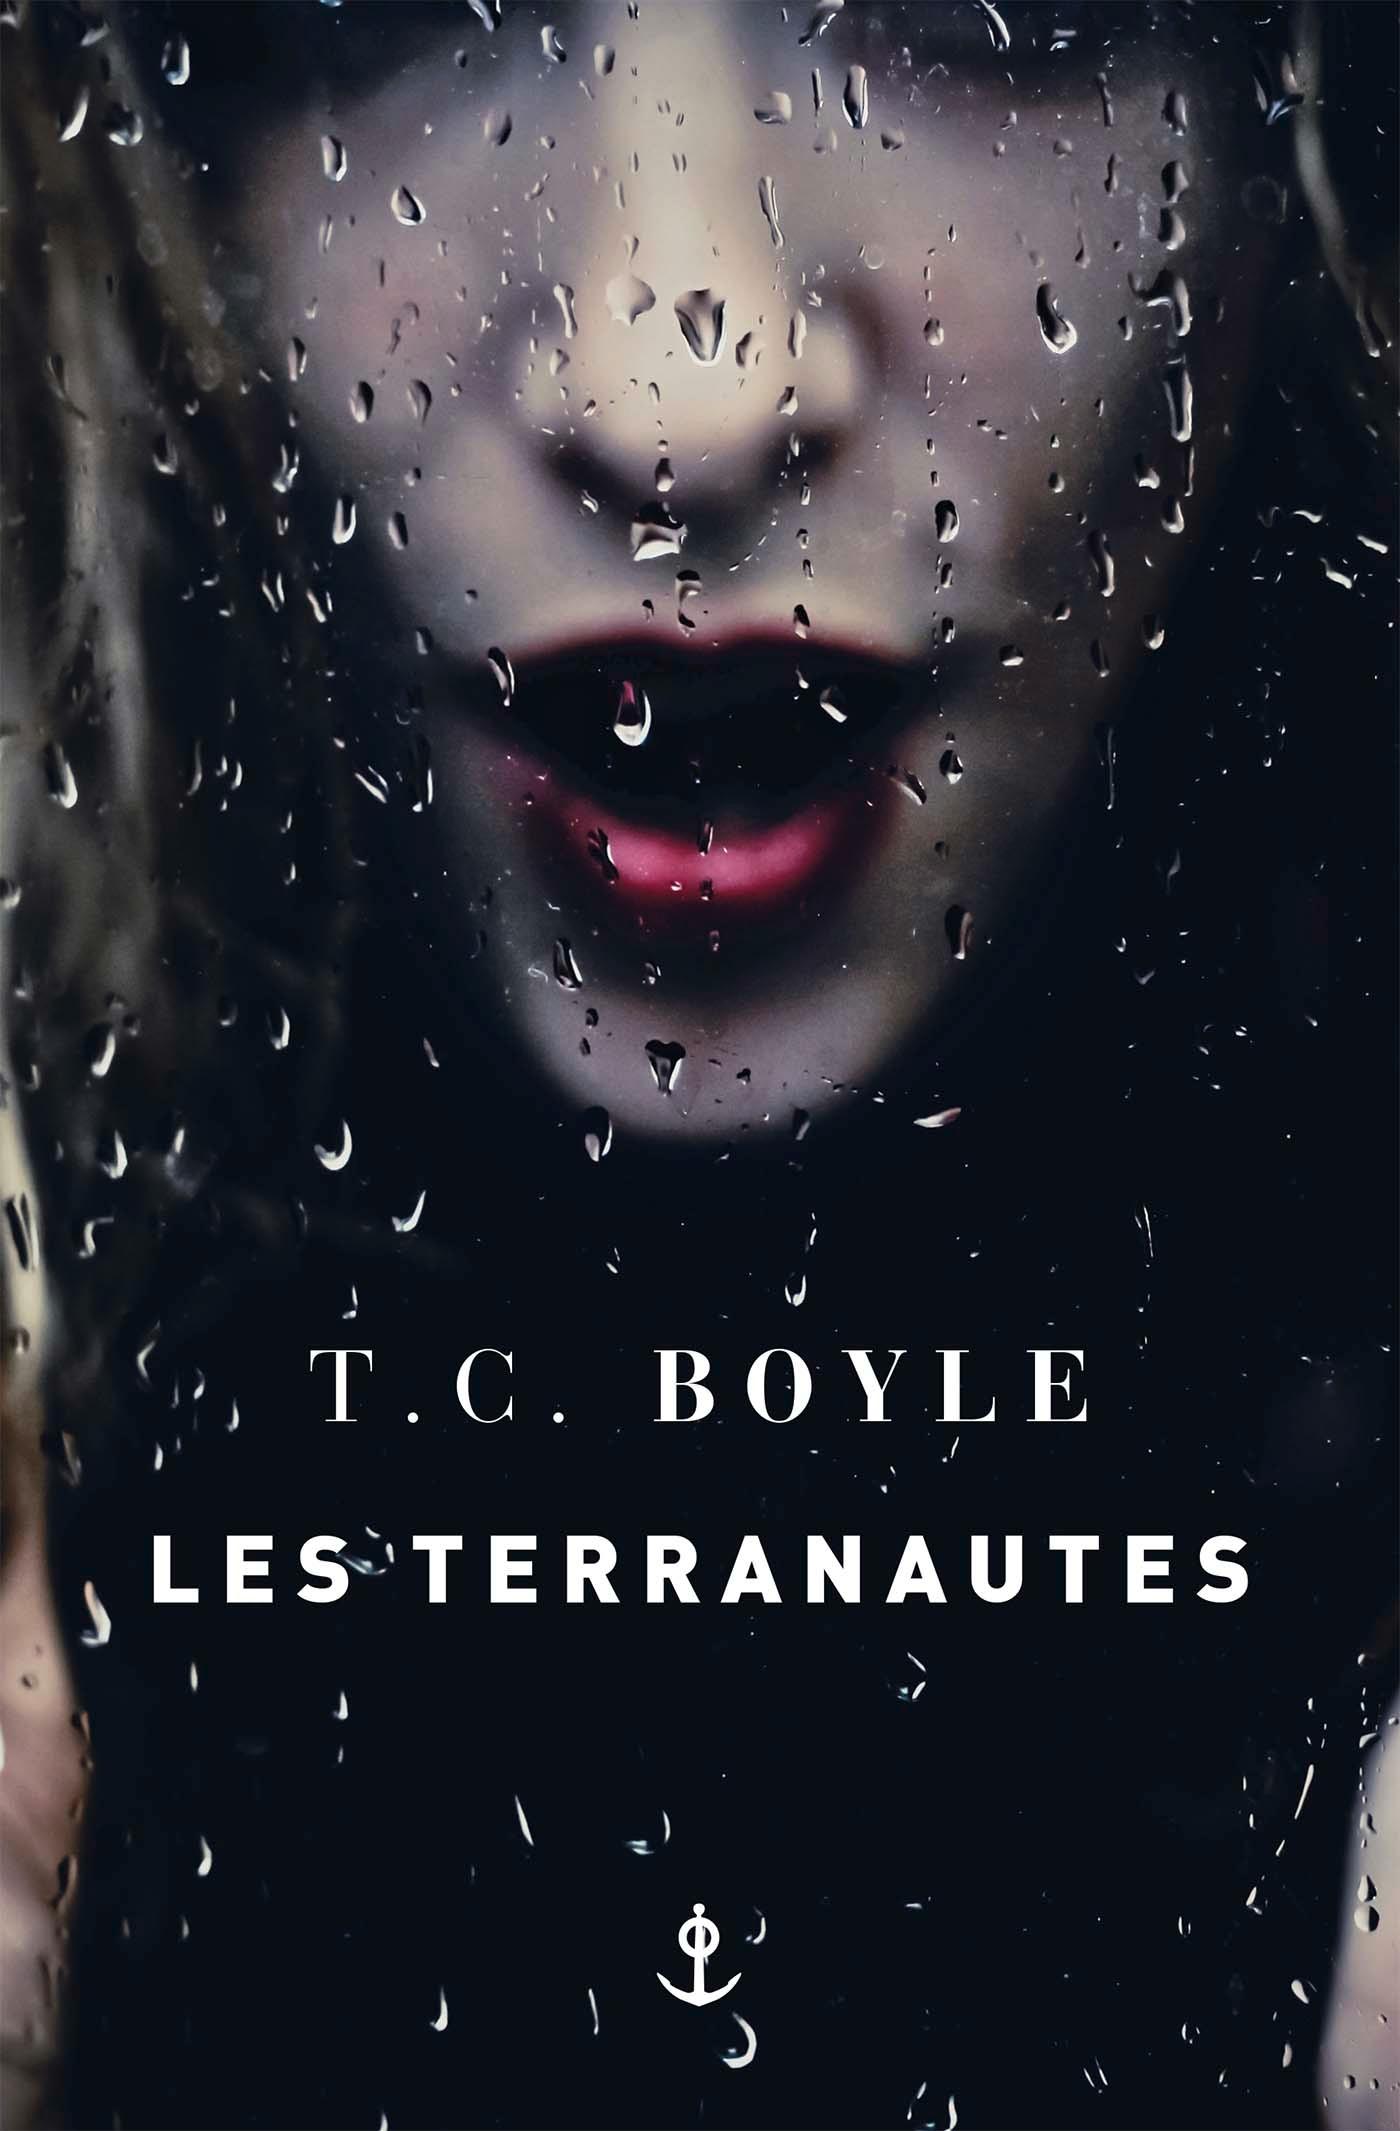 Les terranautes